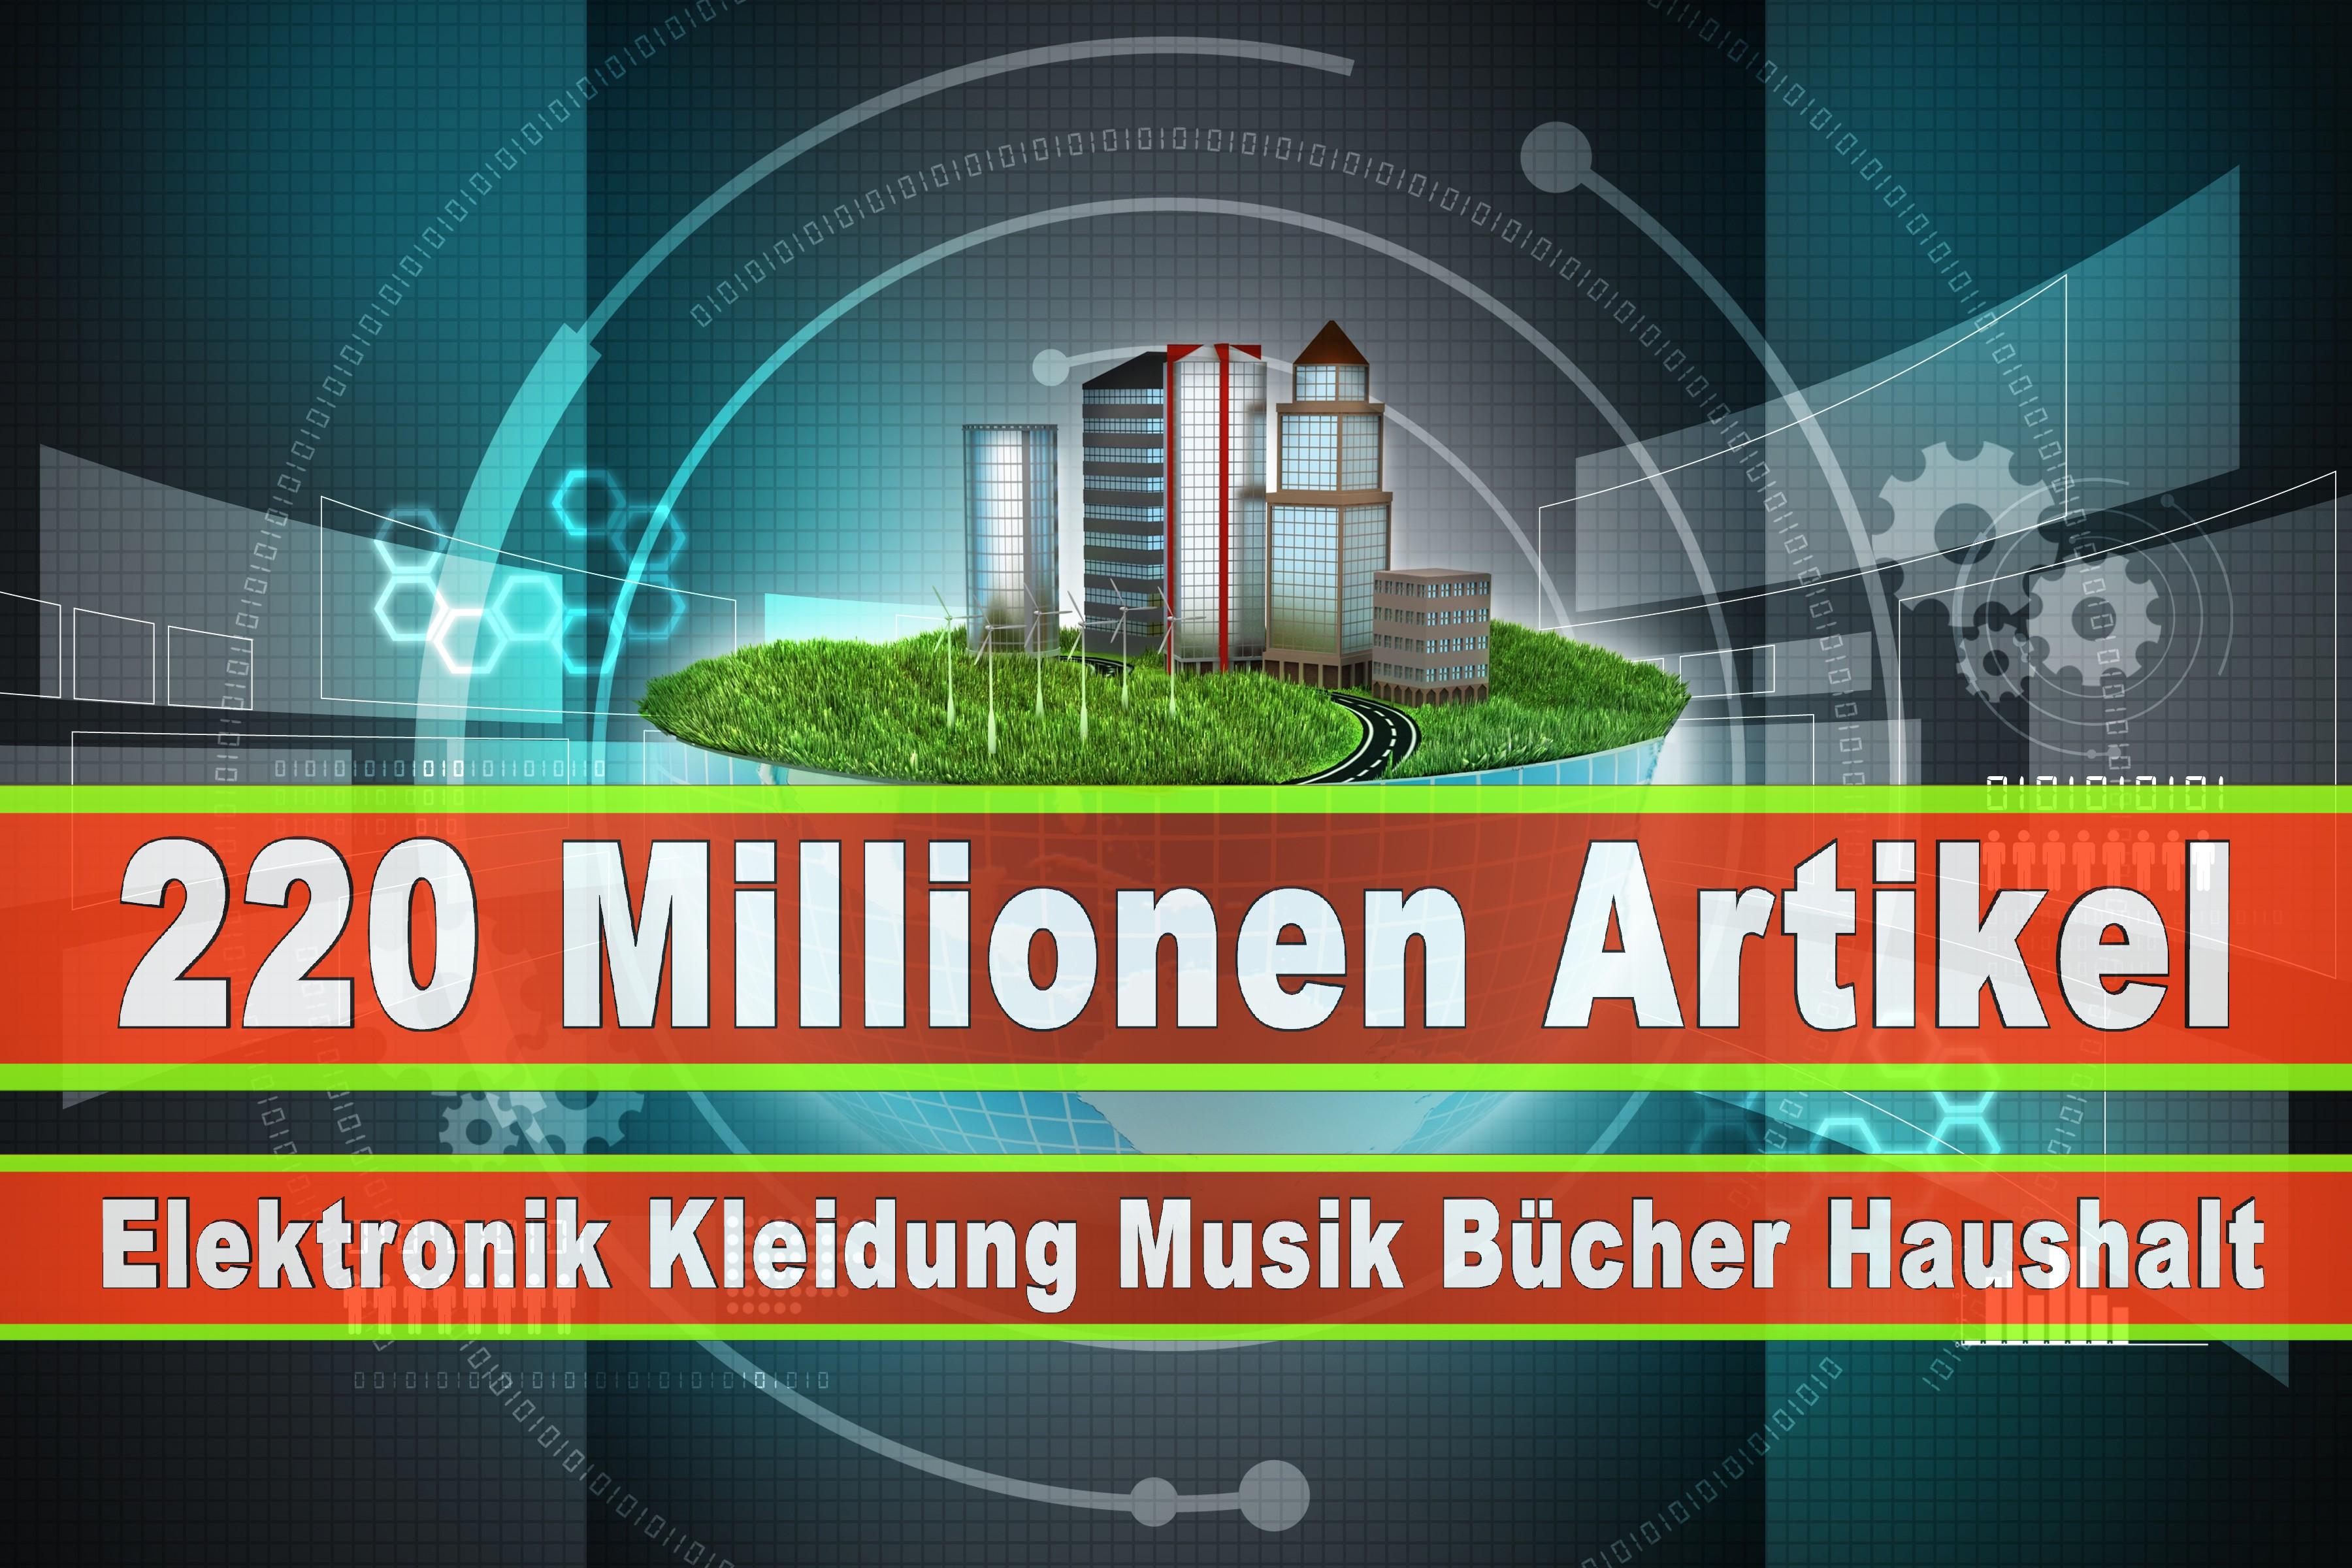 Amazon Elektronik Musik Haushalt Bücher CD DVD Handys Smartphones TV Television Fernseher Kleidung Mode Ebay Versandhaus (106)